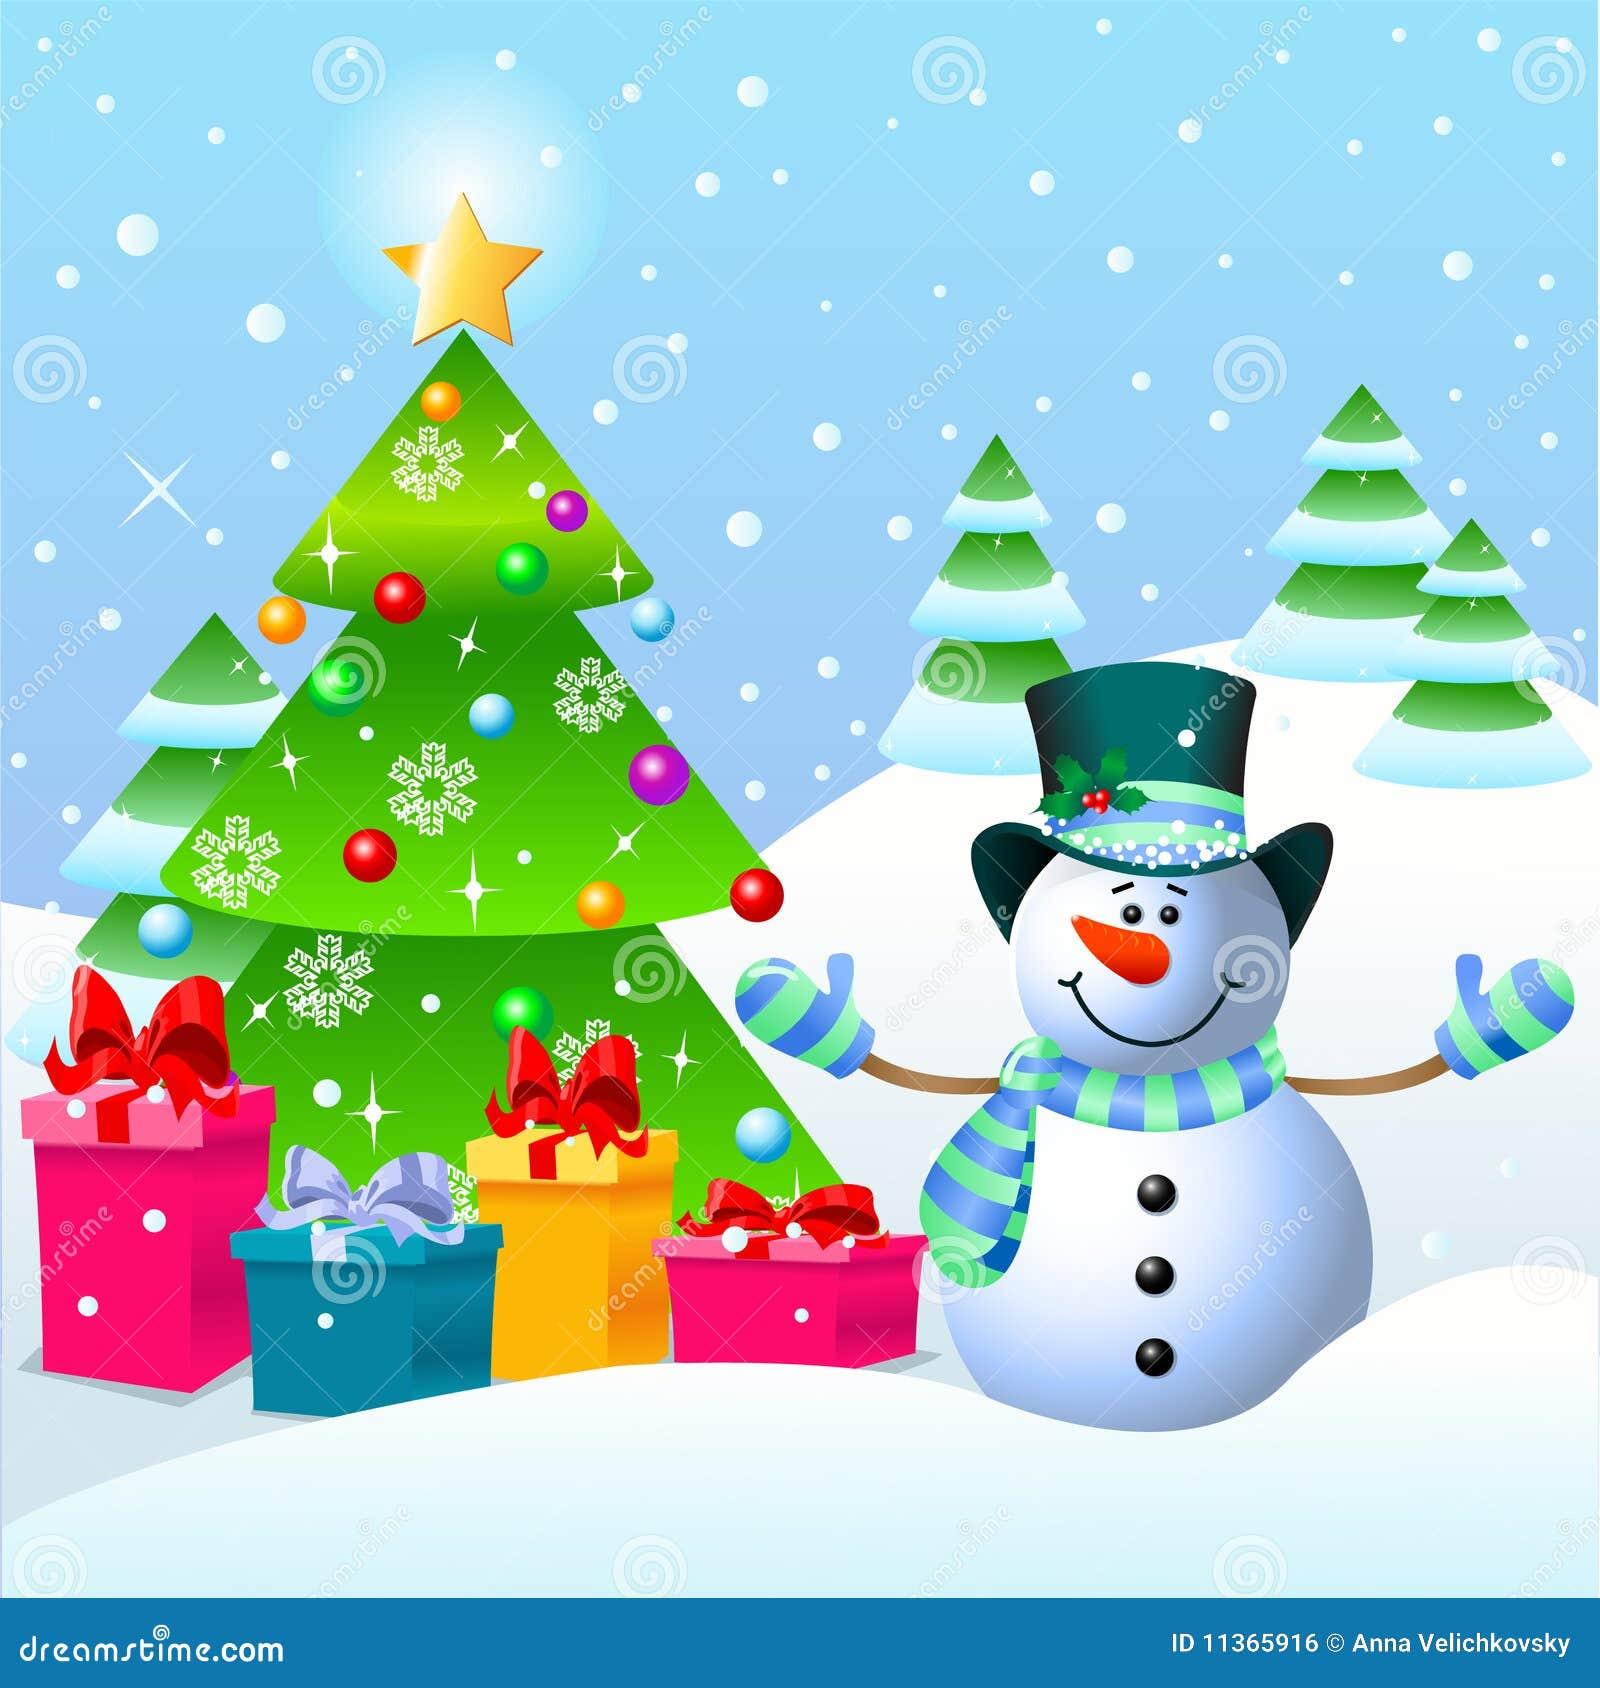 snowman and christmas tree - Snowman Christmas